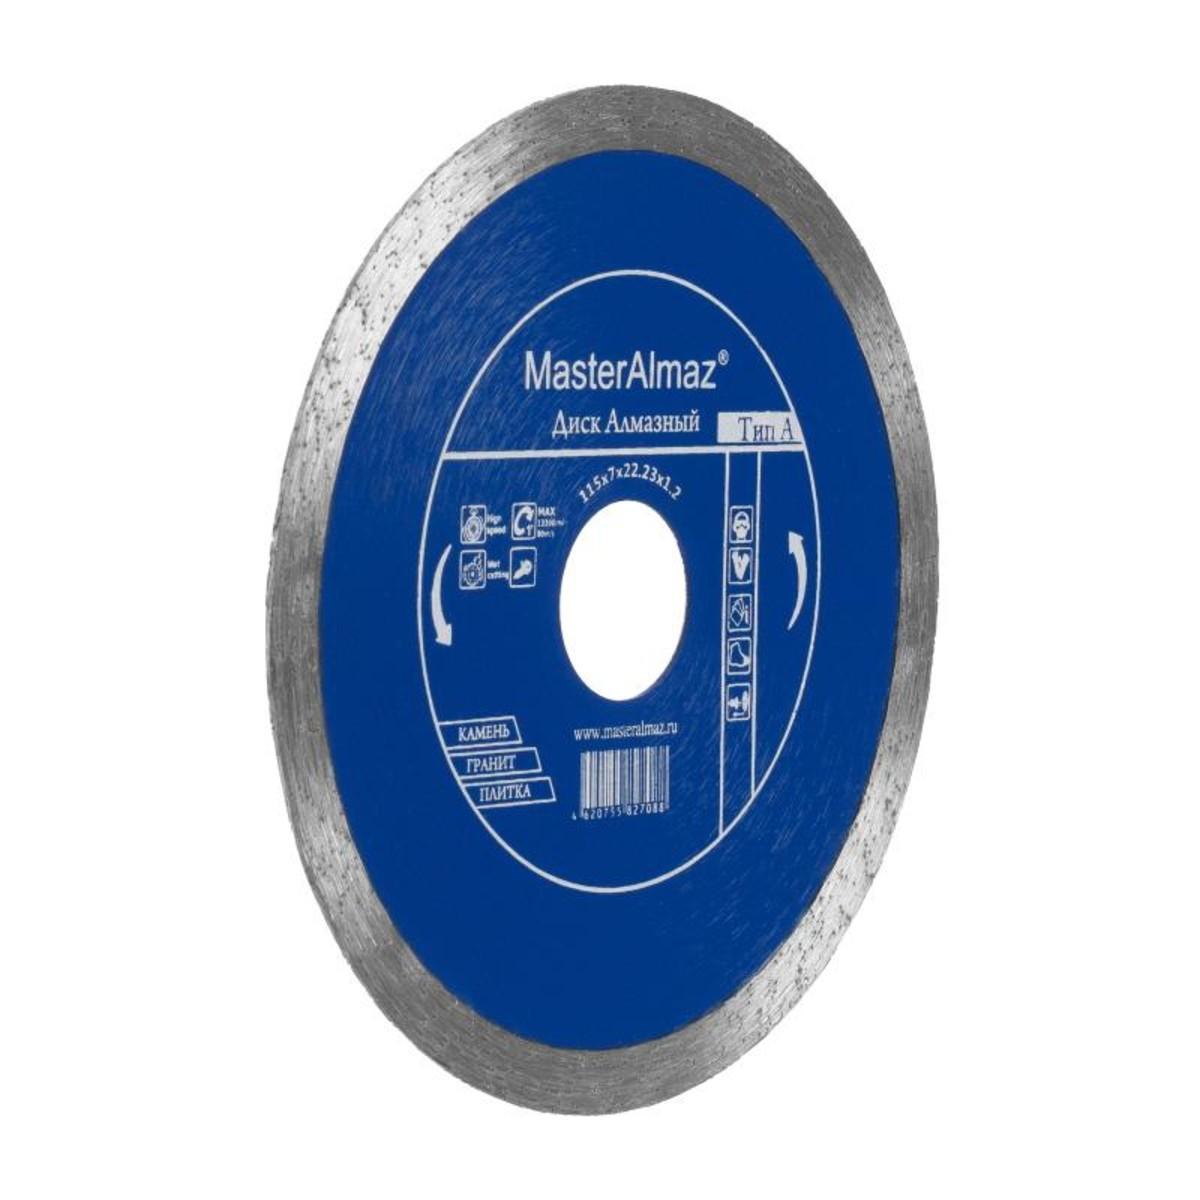 Диск Алмазный Мастералмаз Pro (Тип А) 125Х7Х2223Х13 По Камню И Керамике Сплошной